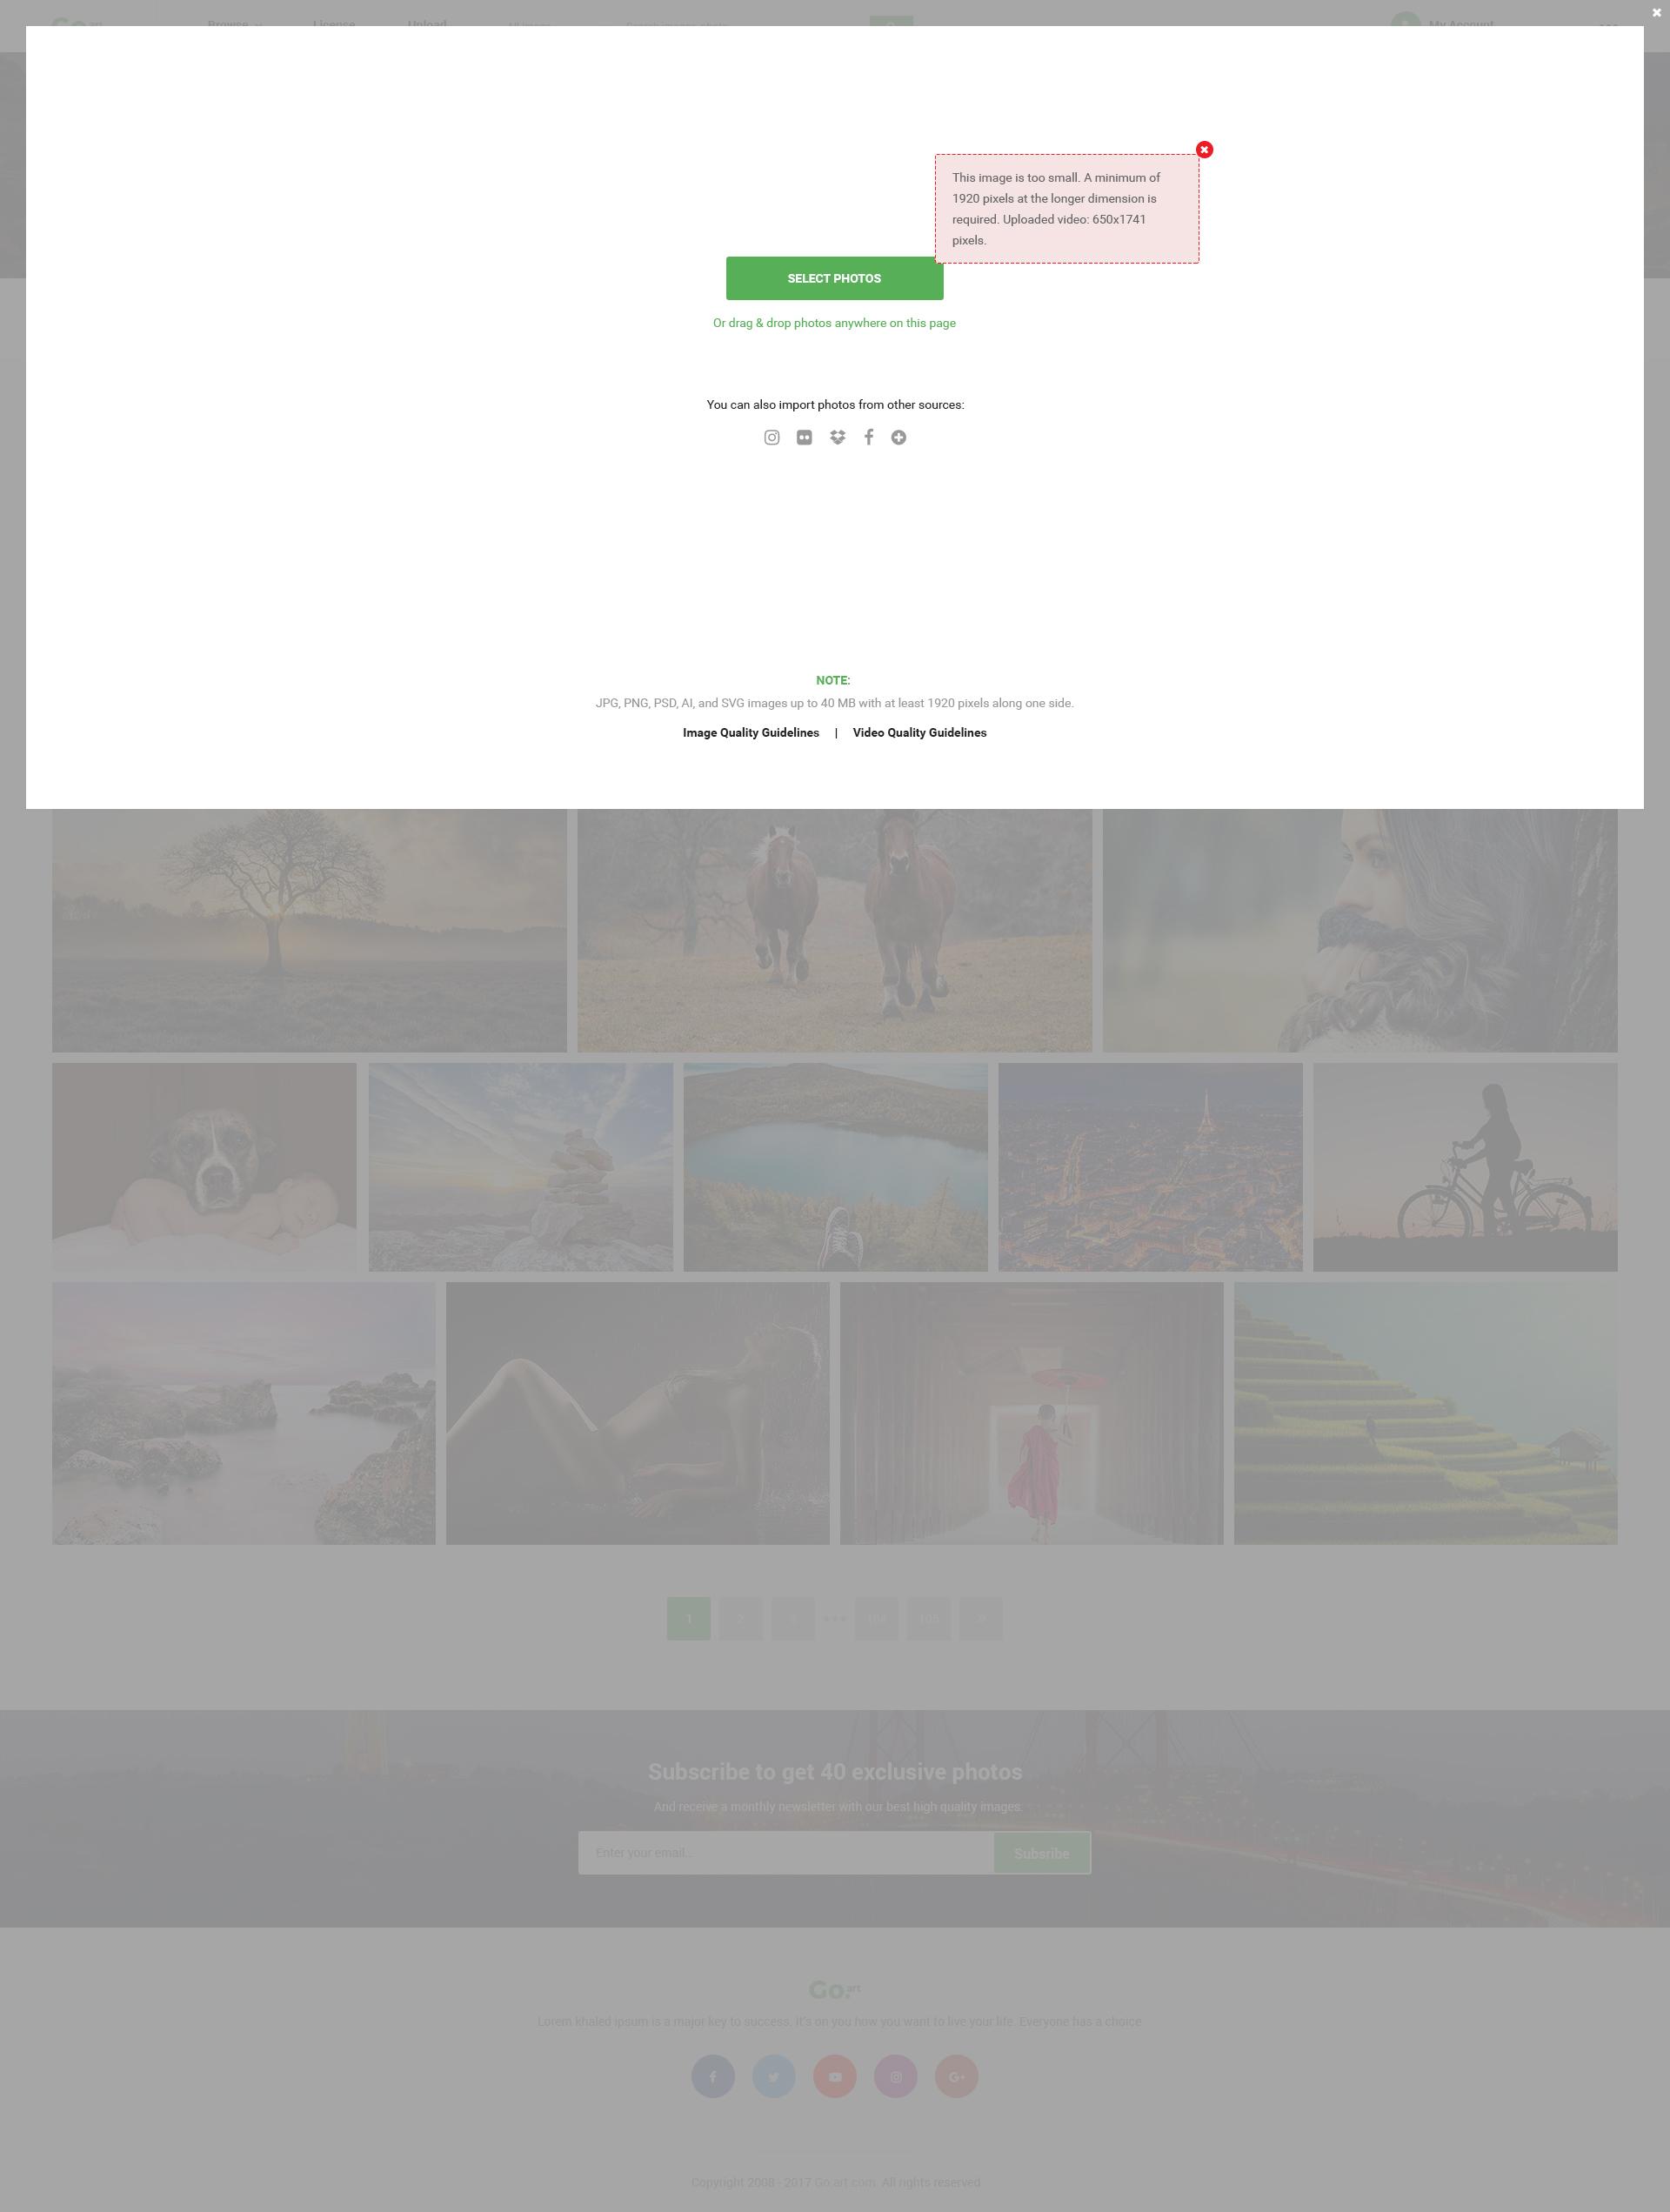 Go.Art - A Creative Art & Photography PSD Template by Htheme ...